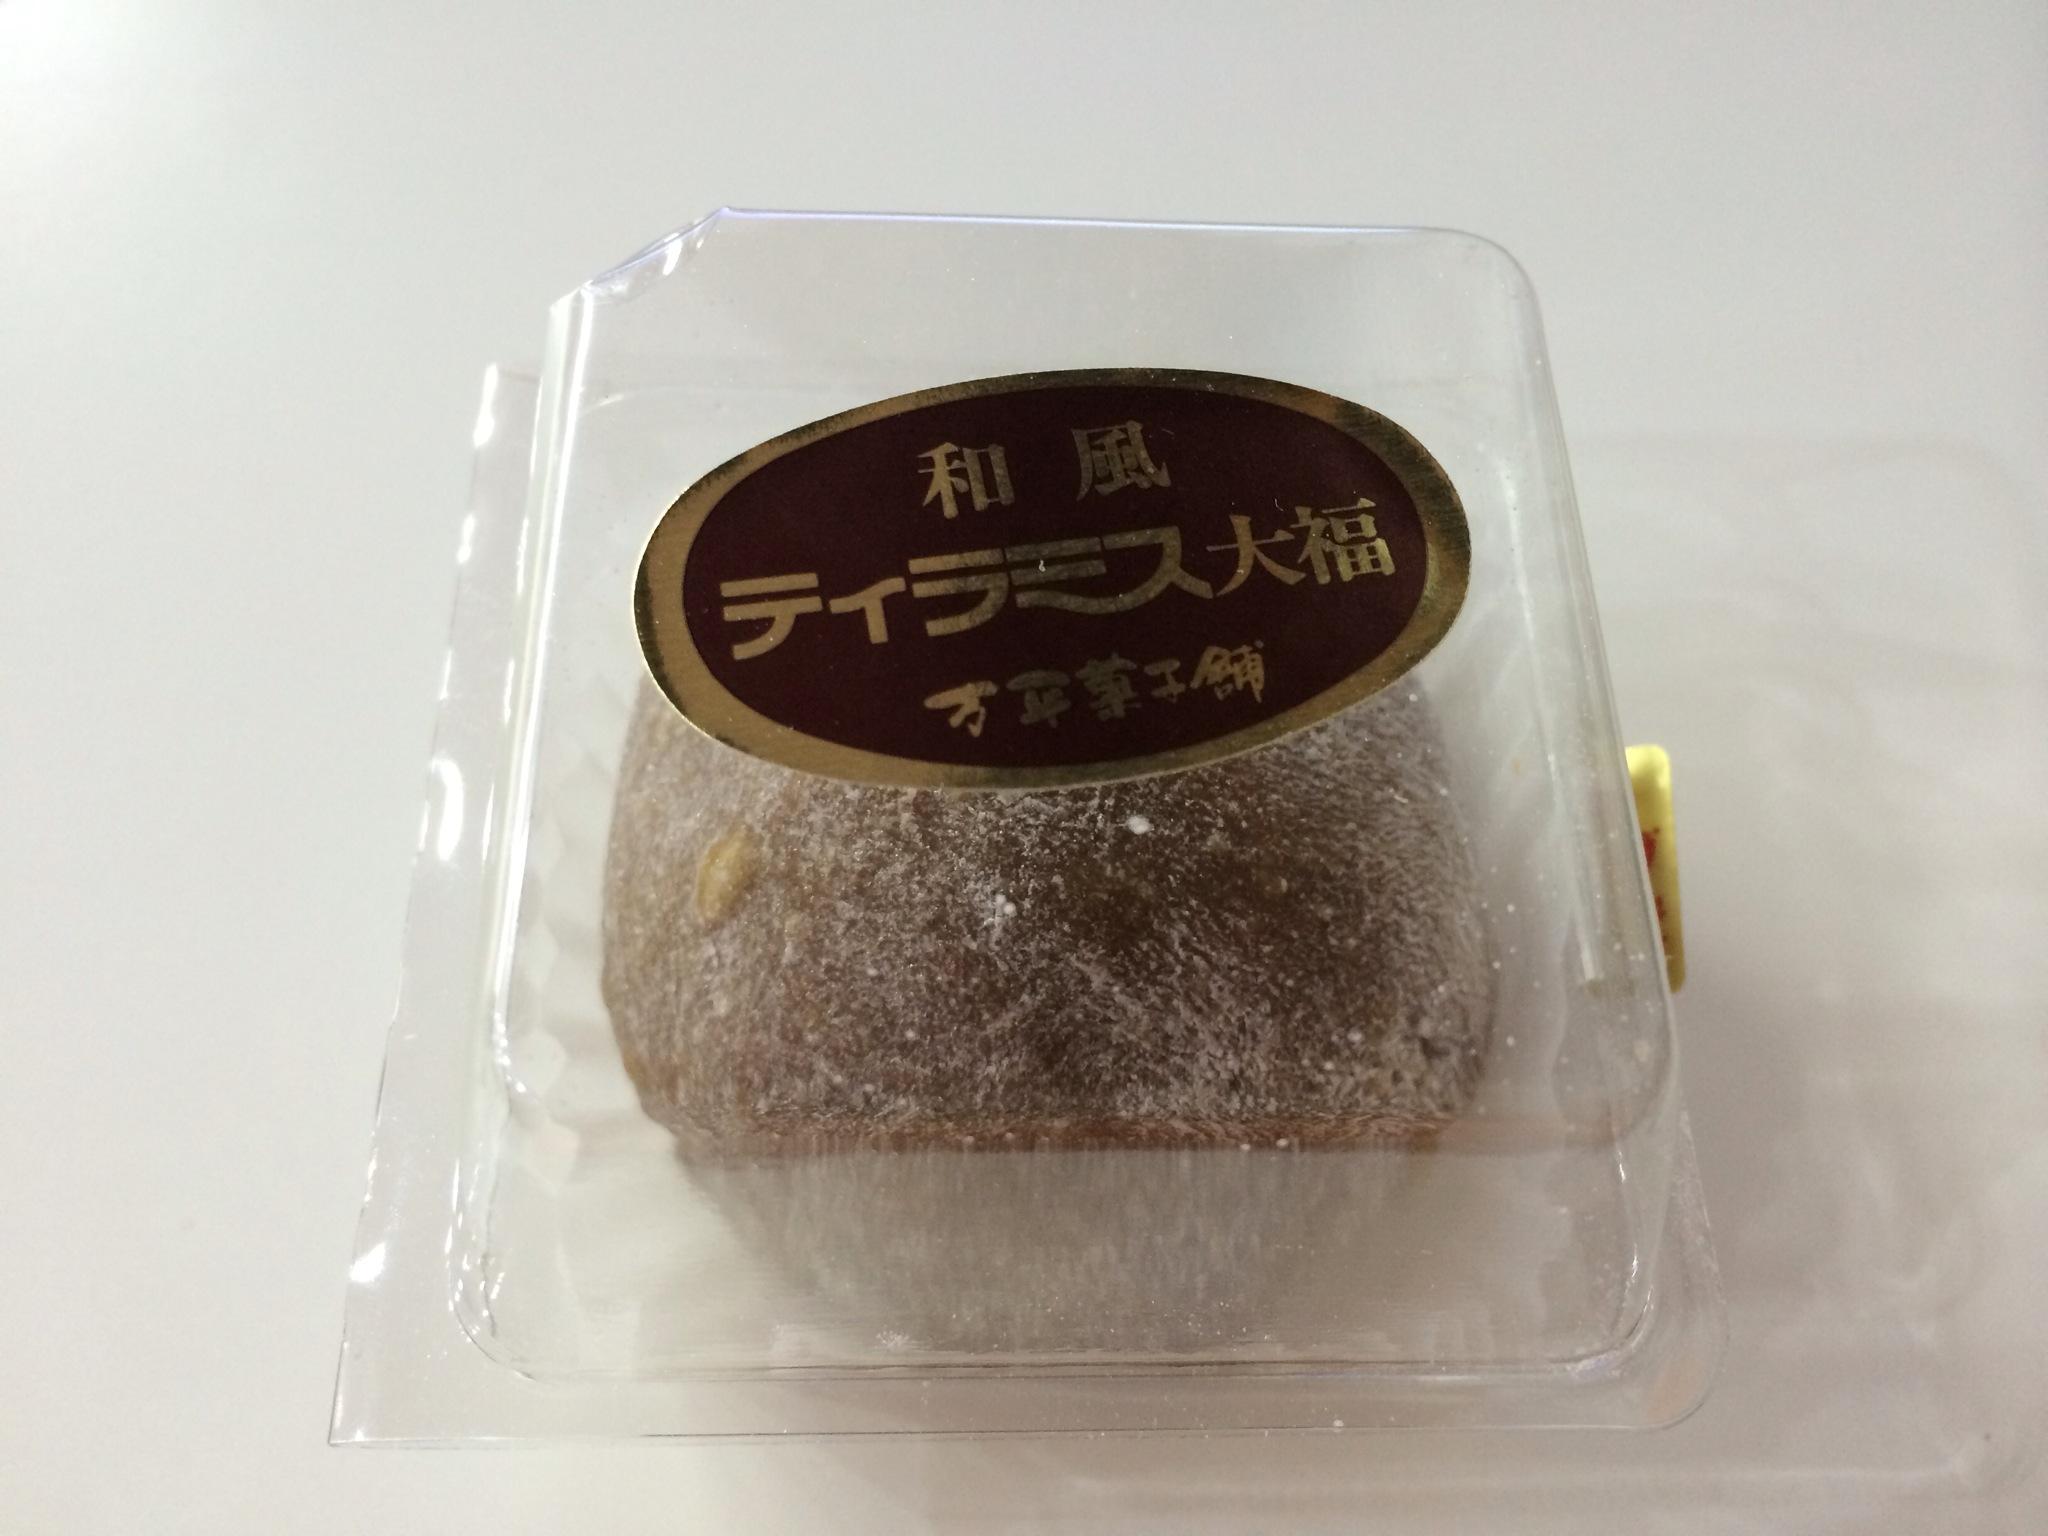 和風ティラミス大福!新潟土産!!!!!!!